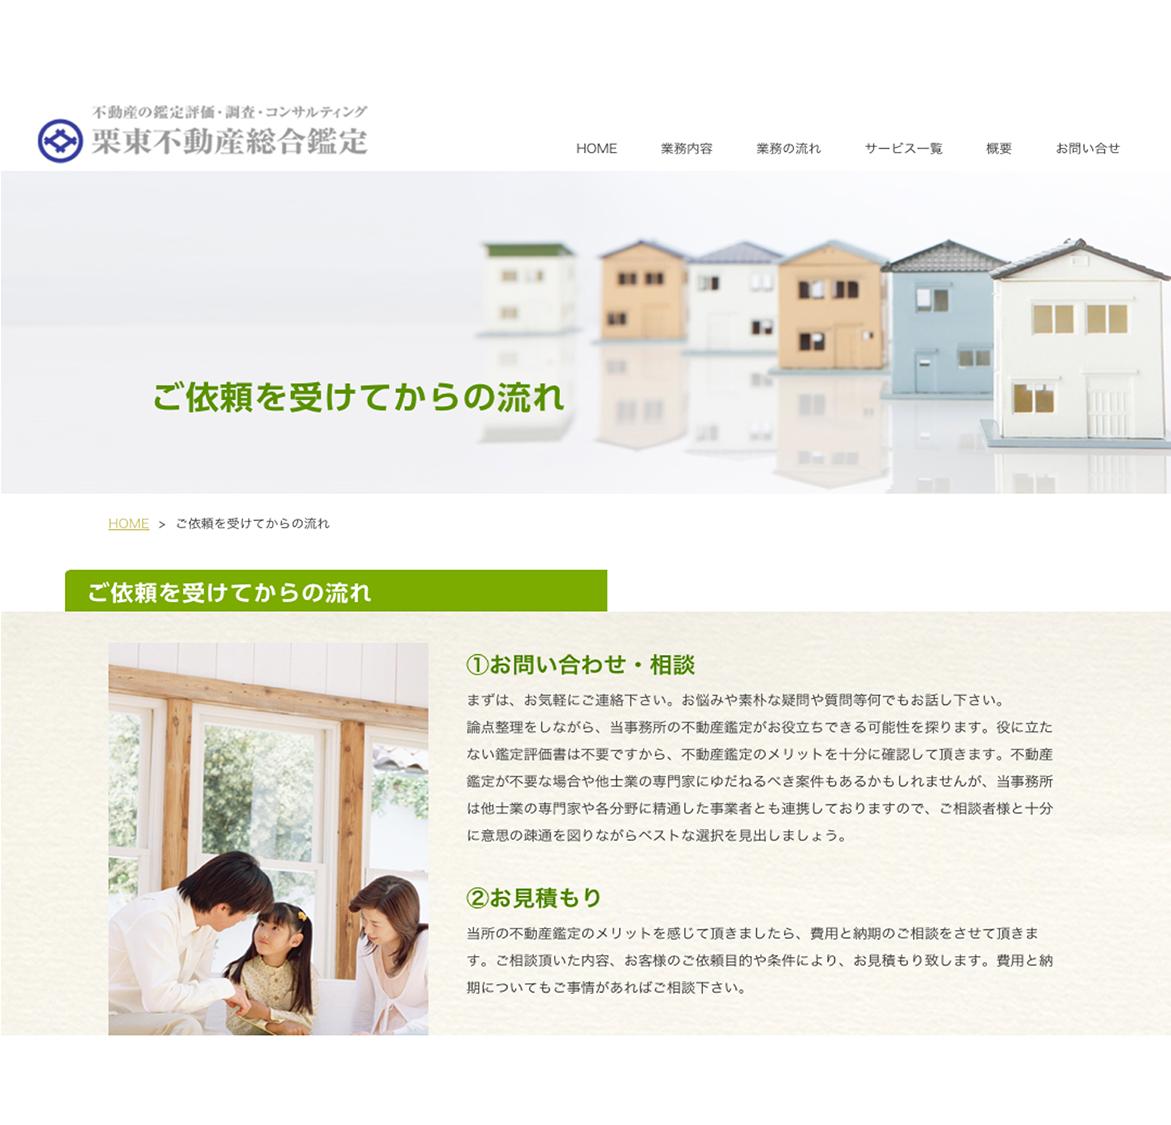 栗東不動産総合鑑定 ホームページ